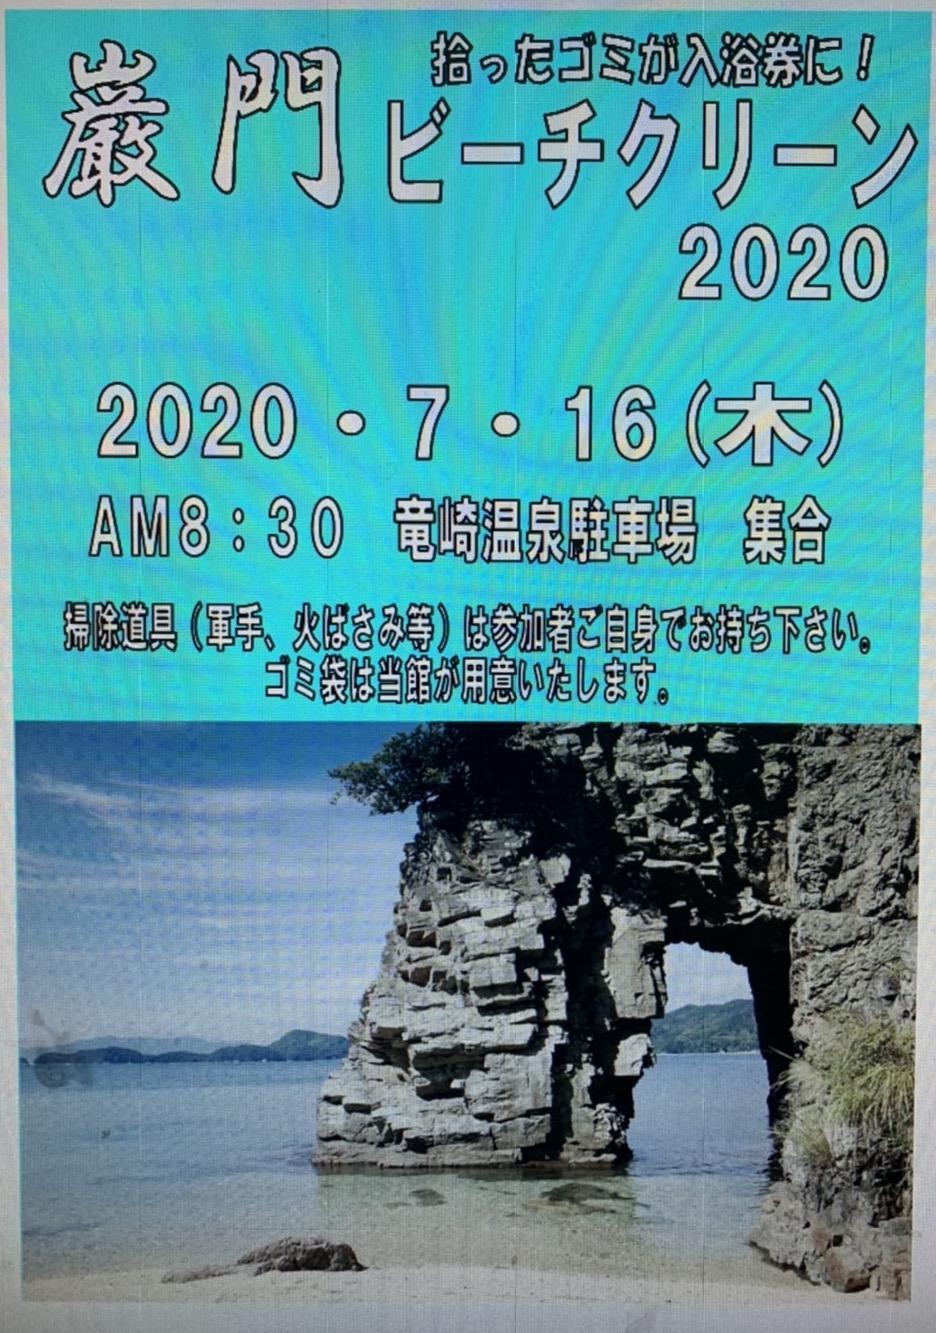 巌門ビーチクリーン2020